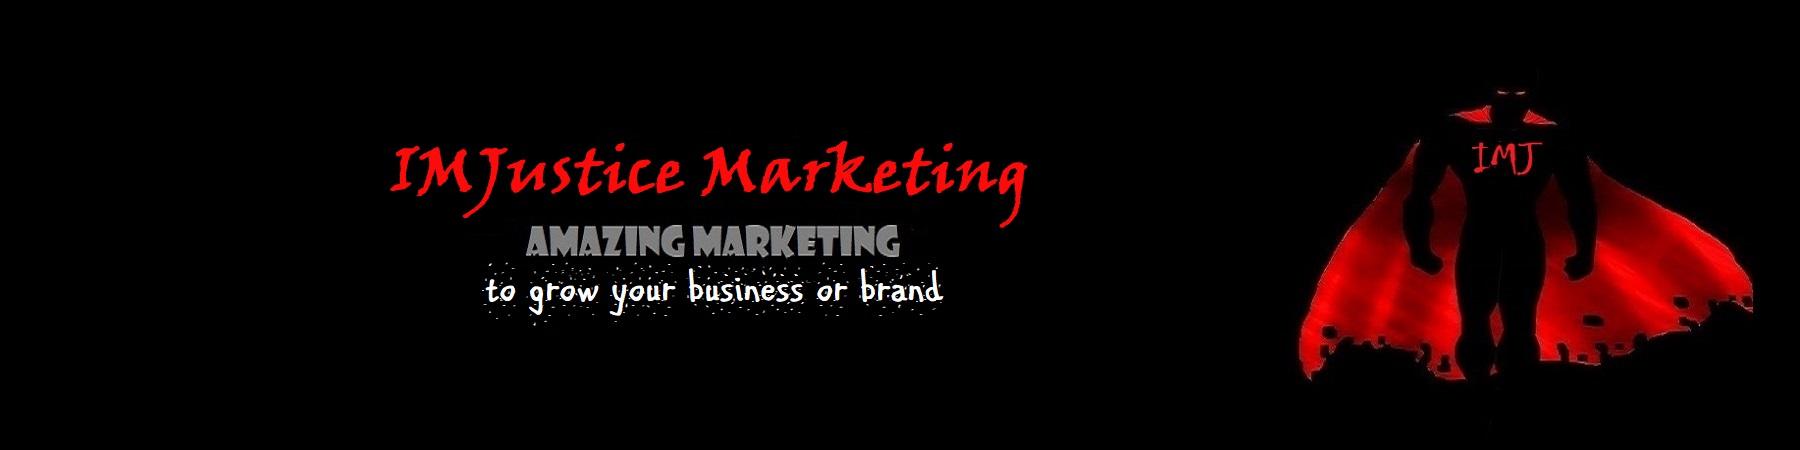 IMJustice Marketing Blog